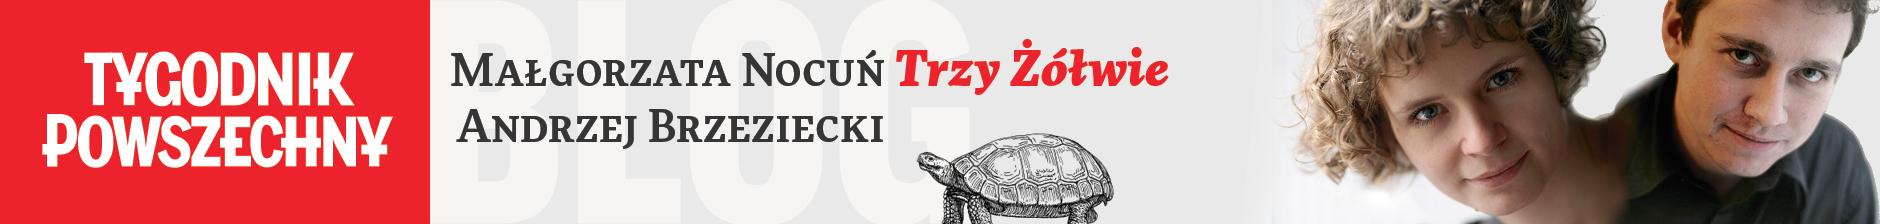 Trzy żółwie